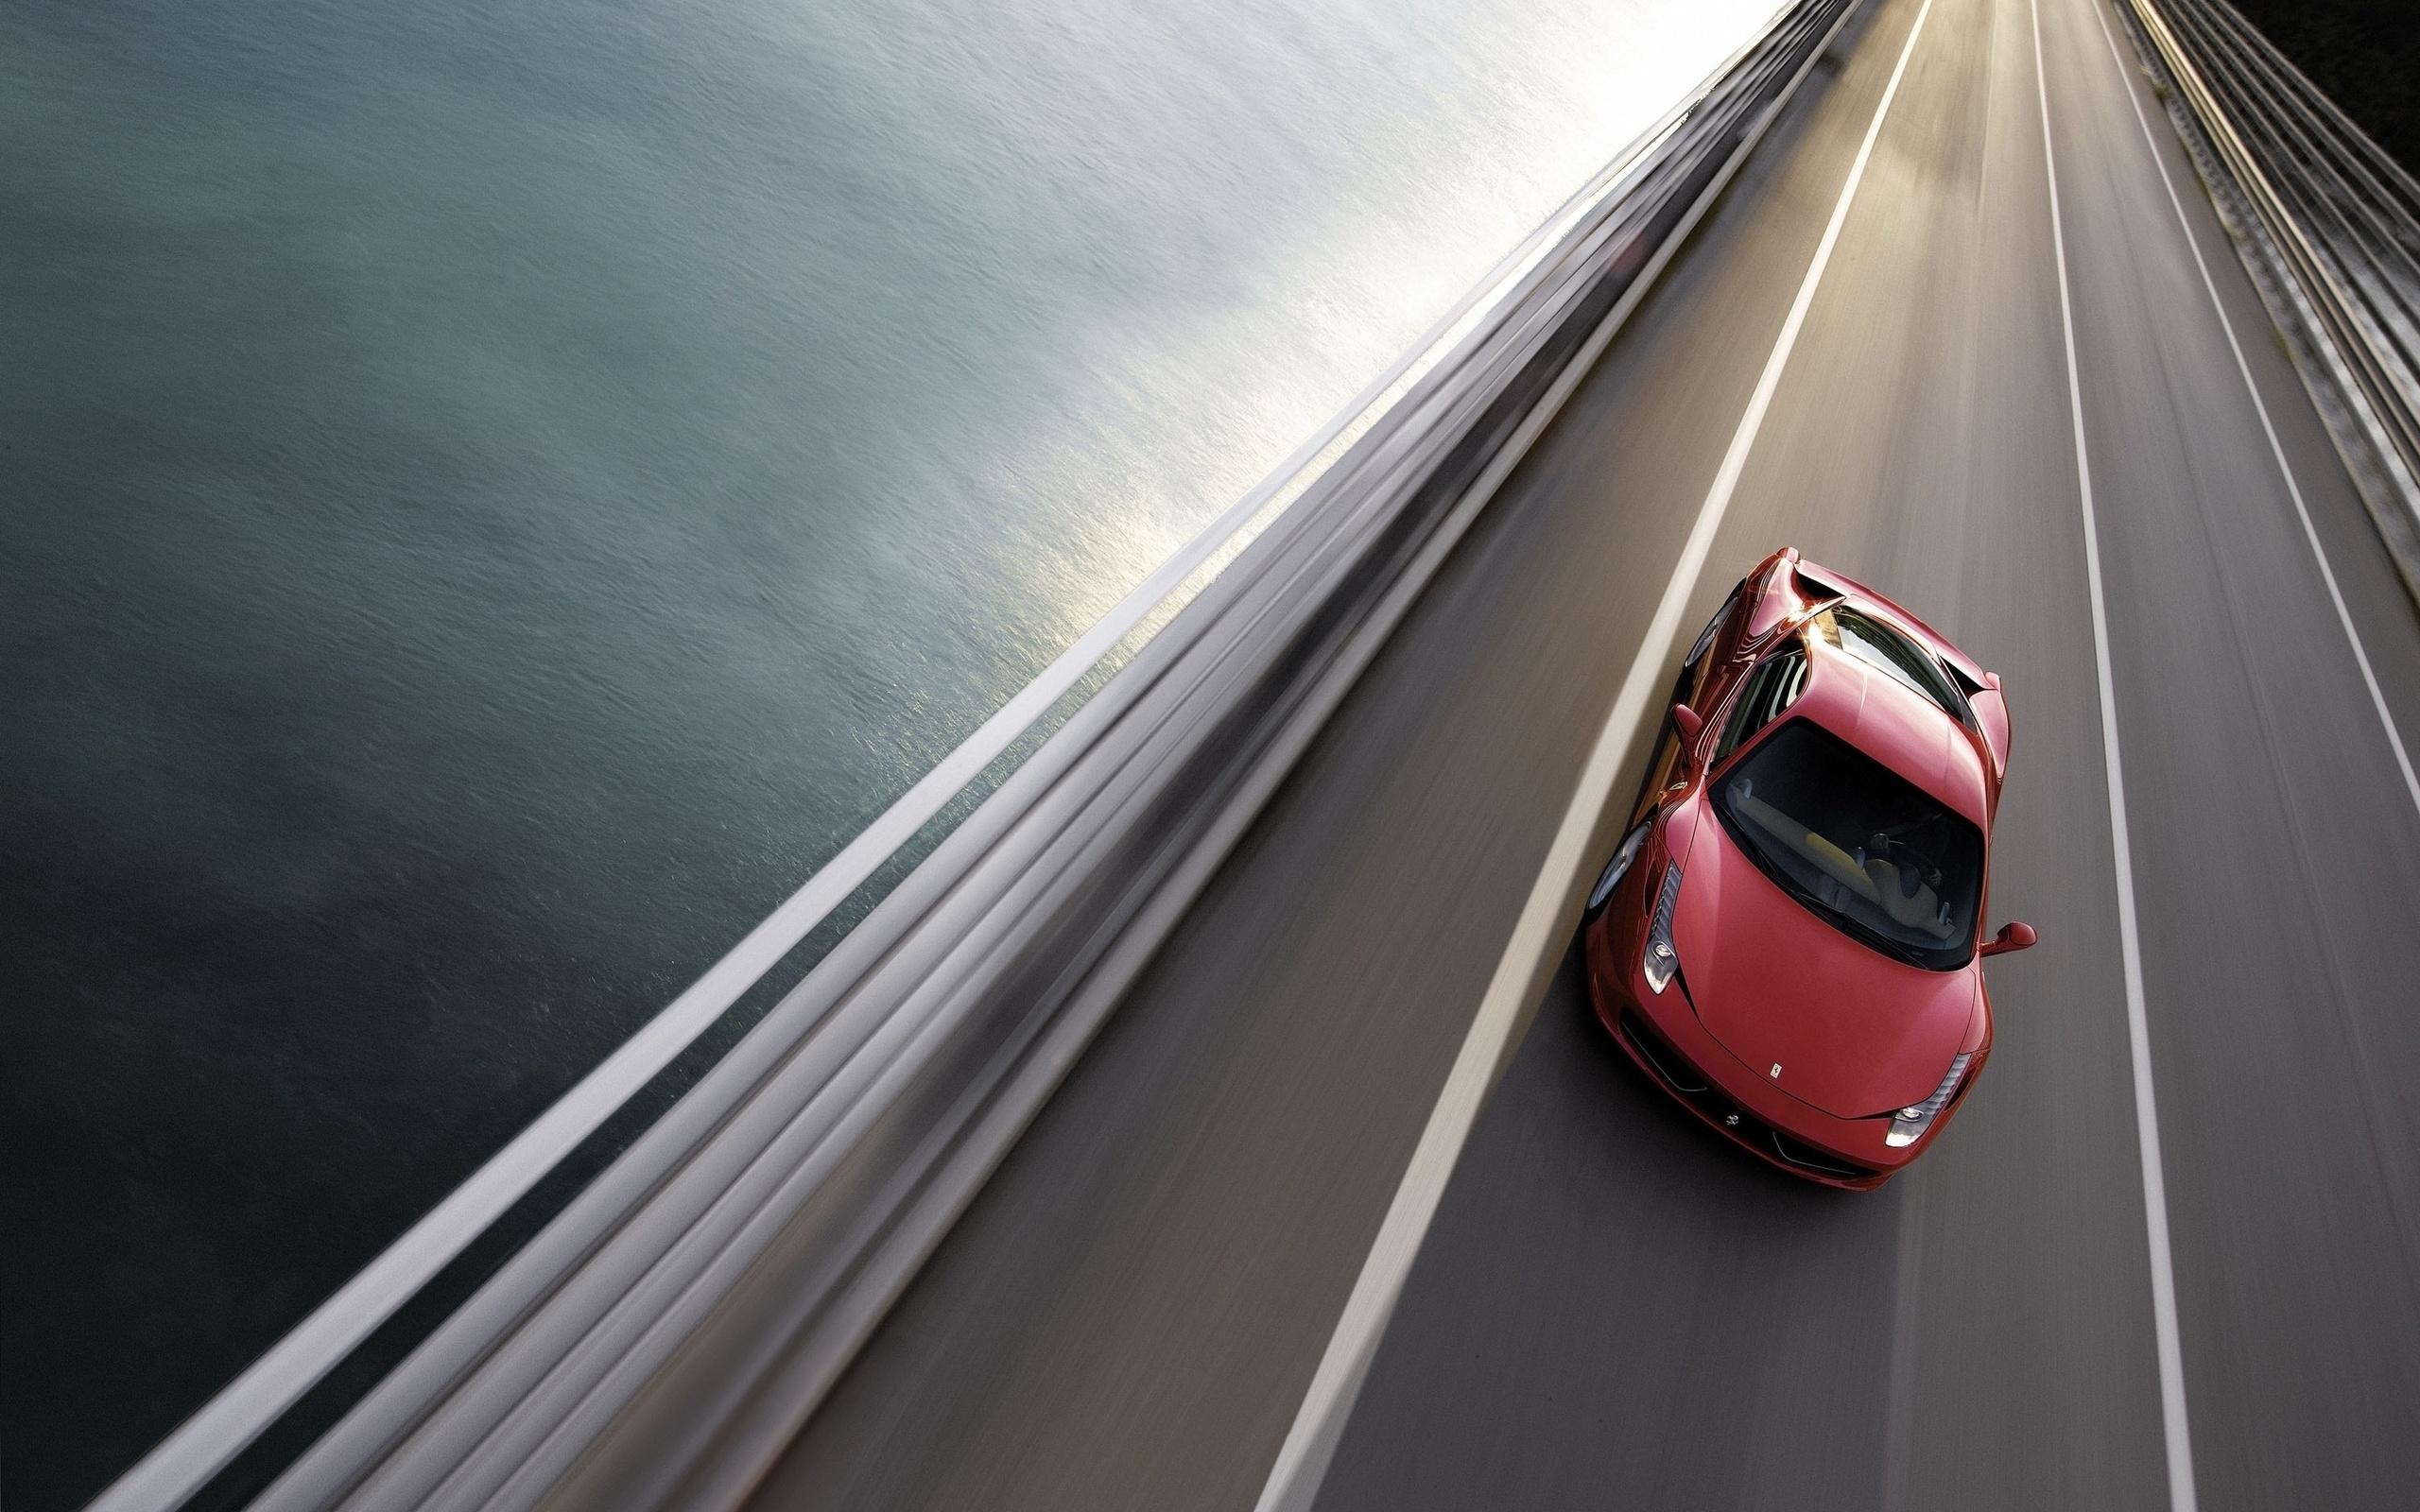 27170 скачать обои Транспорт, Машины, Дороги, Феррари (Ferrari) - заставки и картинки бесплатно